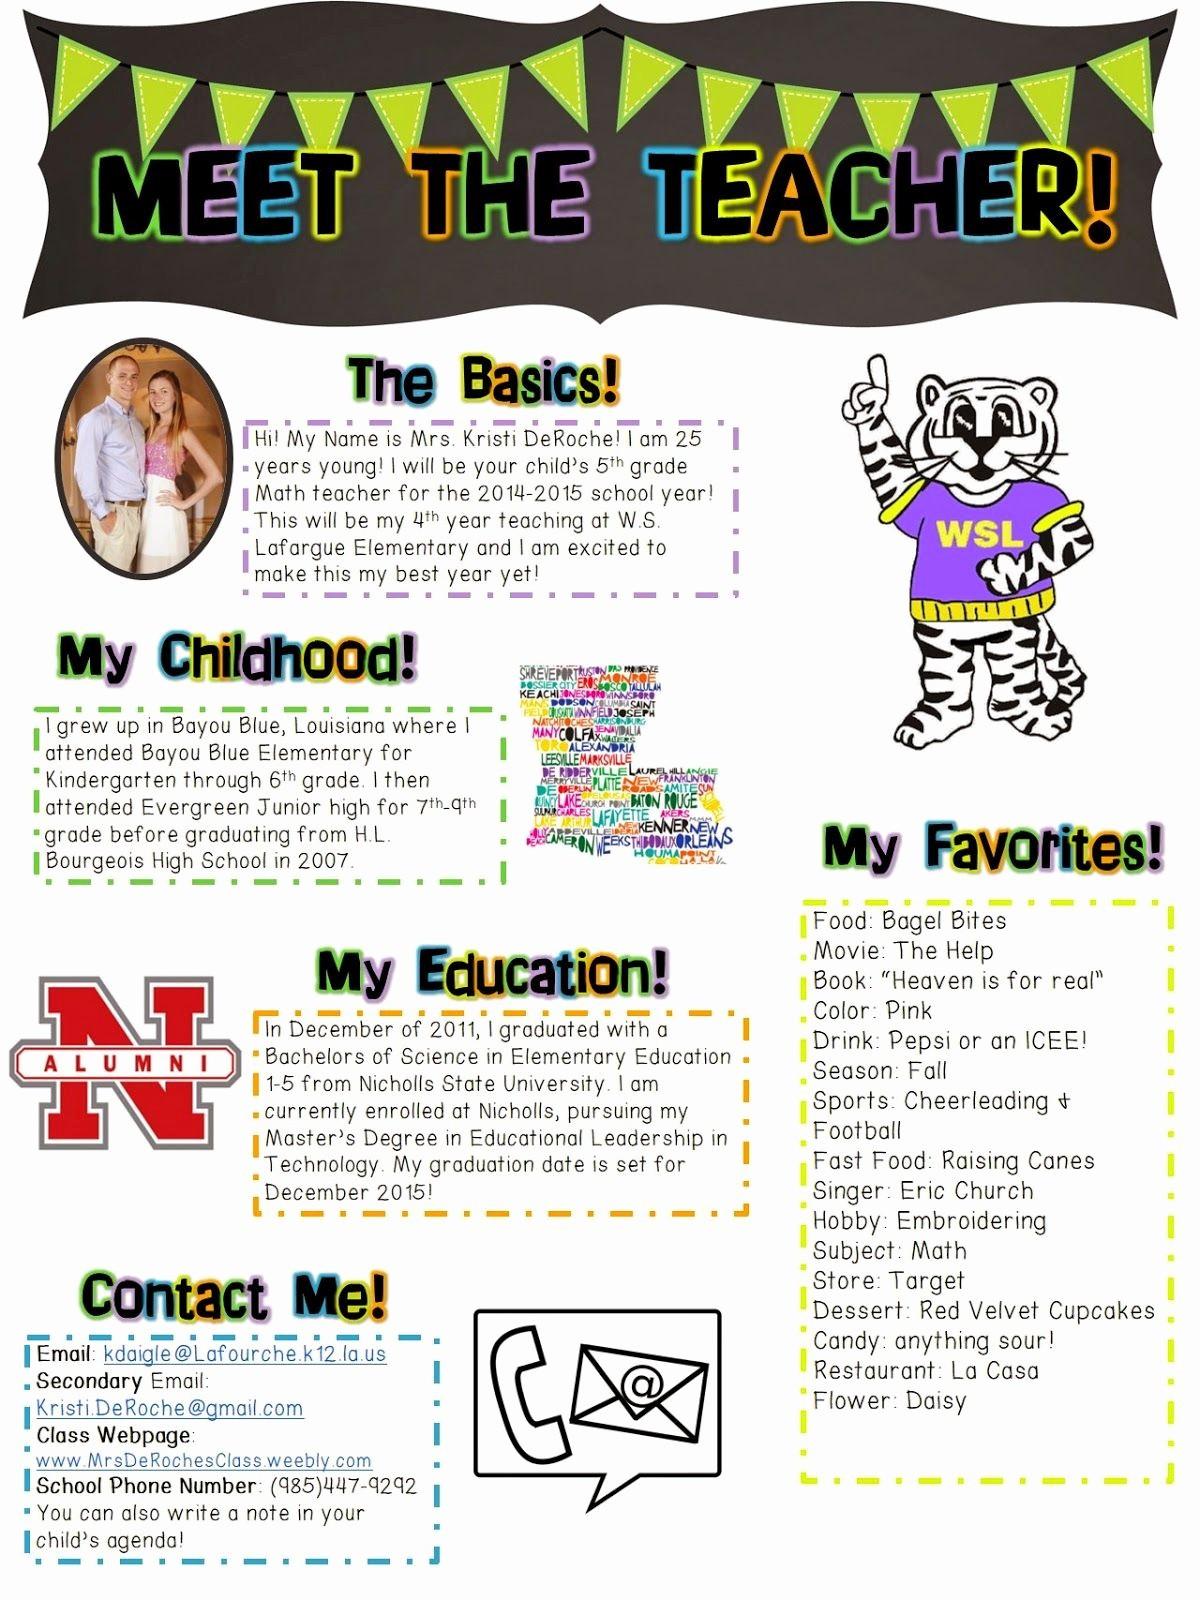 Newsletter for Parents From Teachers Beautiful Meet the Teacher Open House Newsletter